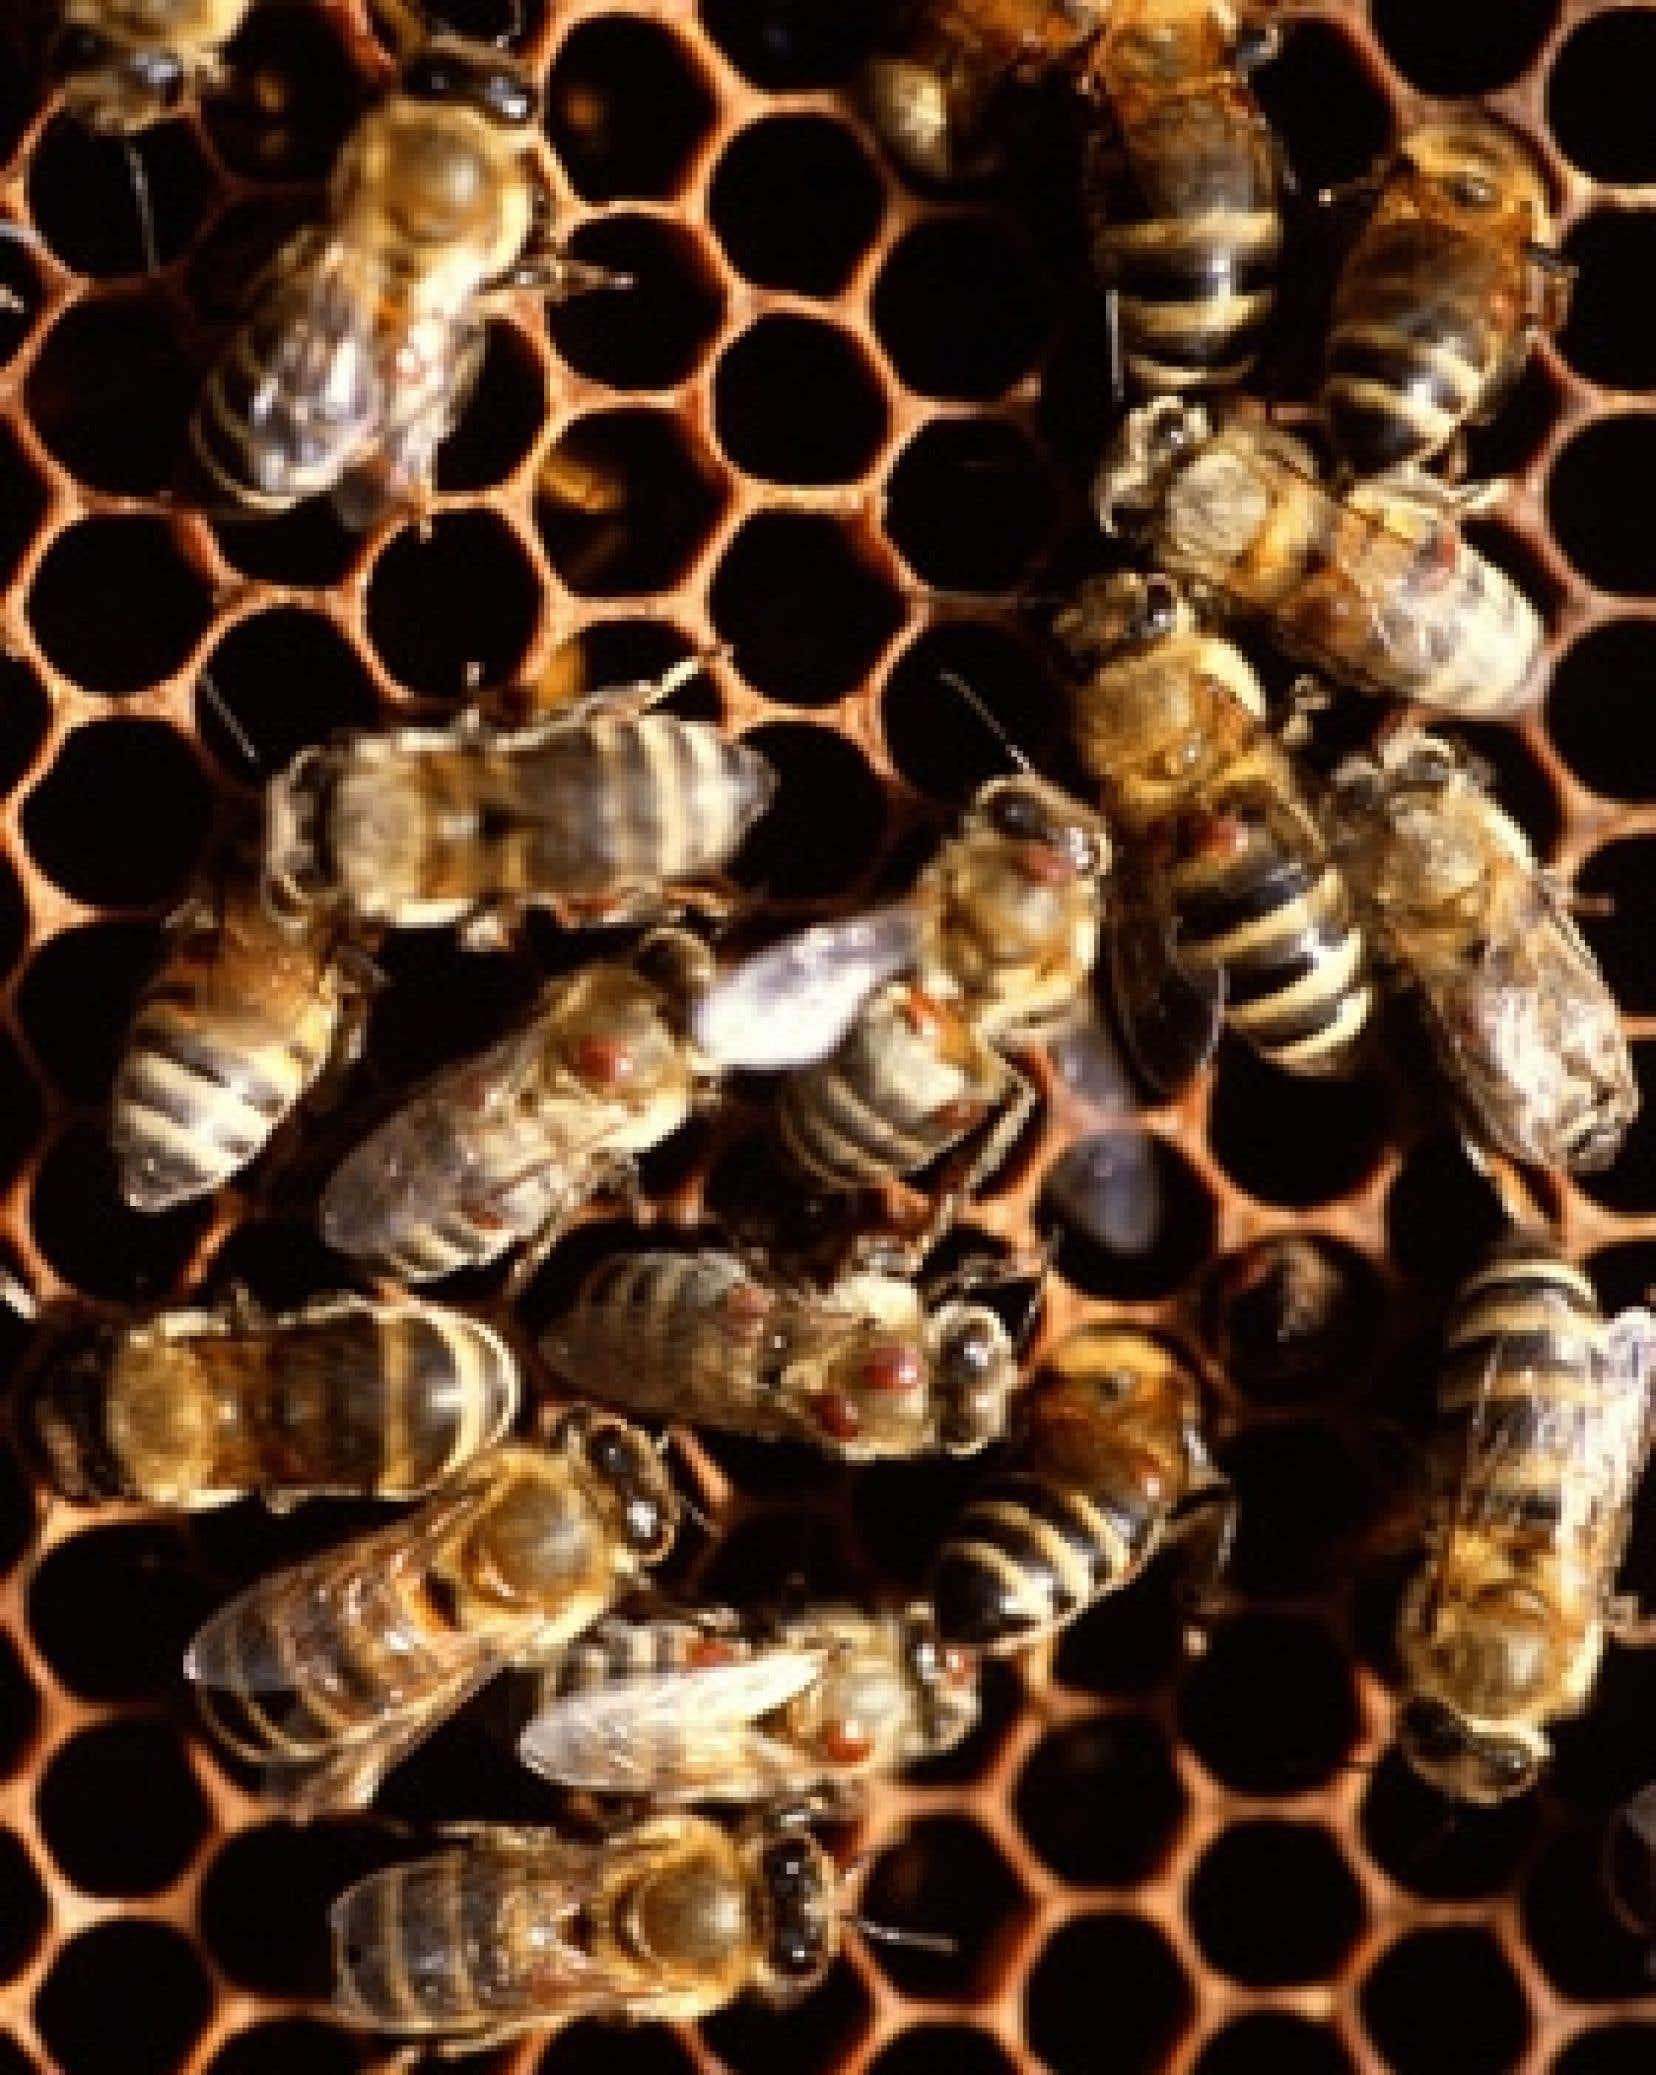 Lorsqu'une ruche est atteinte par le syndrome de l'effondrement, les abeilles la quittent pour ne plus y revenir, ce qui tranche avec leur attachement habituel pour leur port d'attache, où leur reine assure la relève.